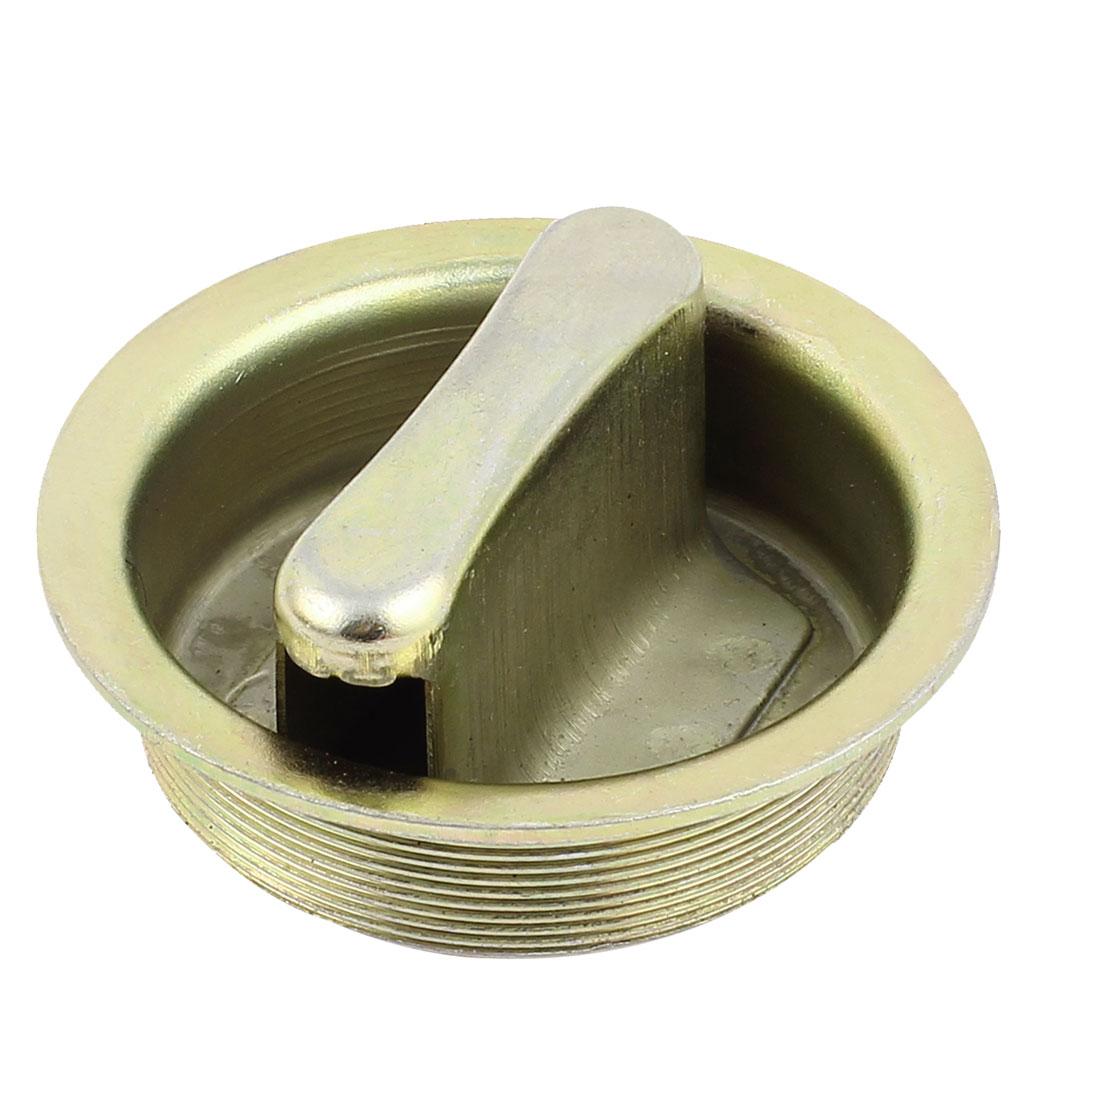 Auto Car Machine Generator Engine Metal Gas Oil Filler Fuel Tank Cap Cover 60mm Thread Dia